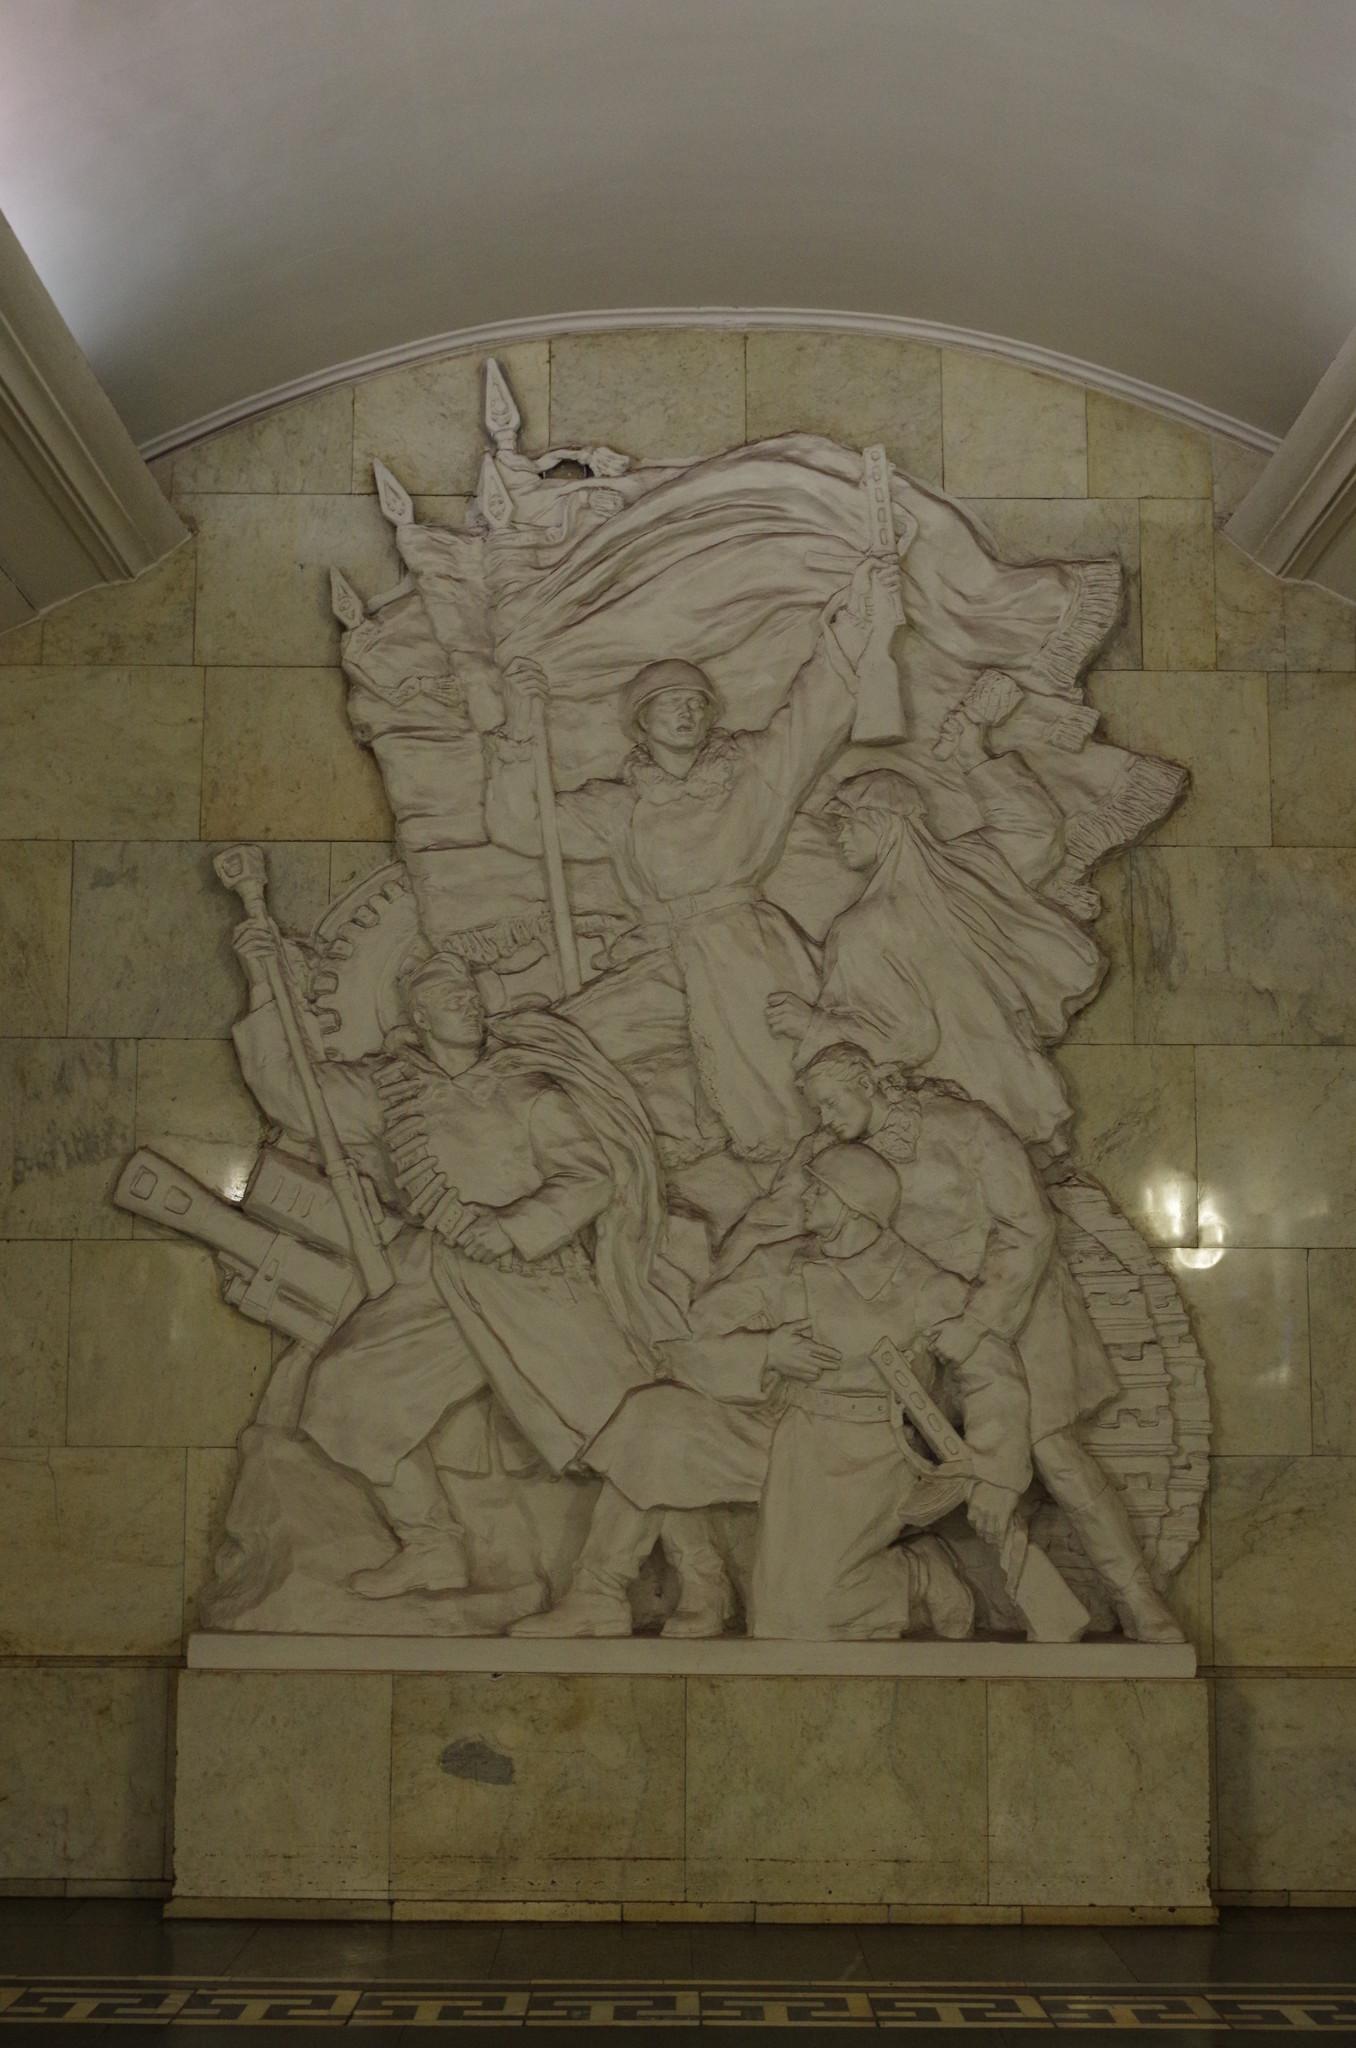 Барельеф на торцевой стене станции «Смоленская» Арбатско-Покровской линии (скульптор Г.И. Мотовилов) посвящён защитникам Родины